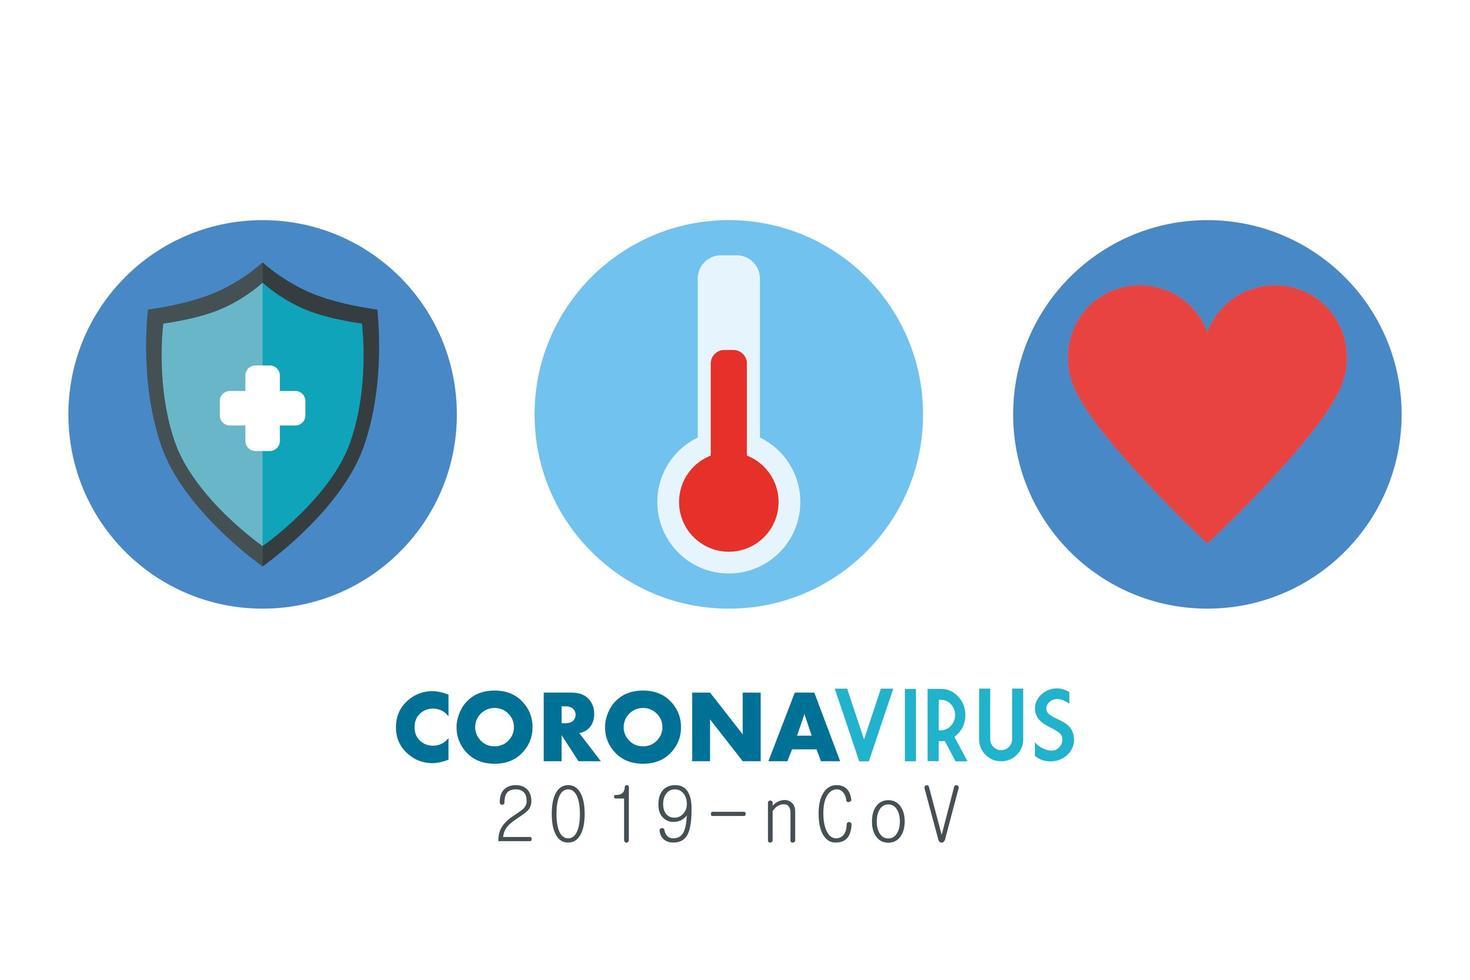 bannière médicale coronavirus avec icônes vecteur